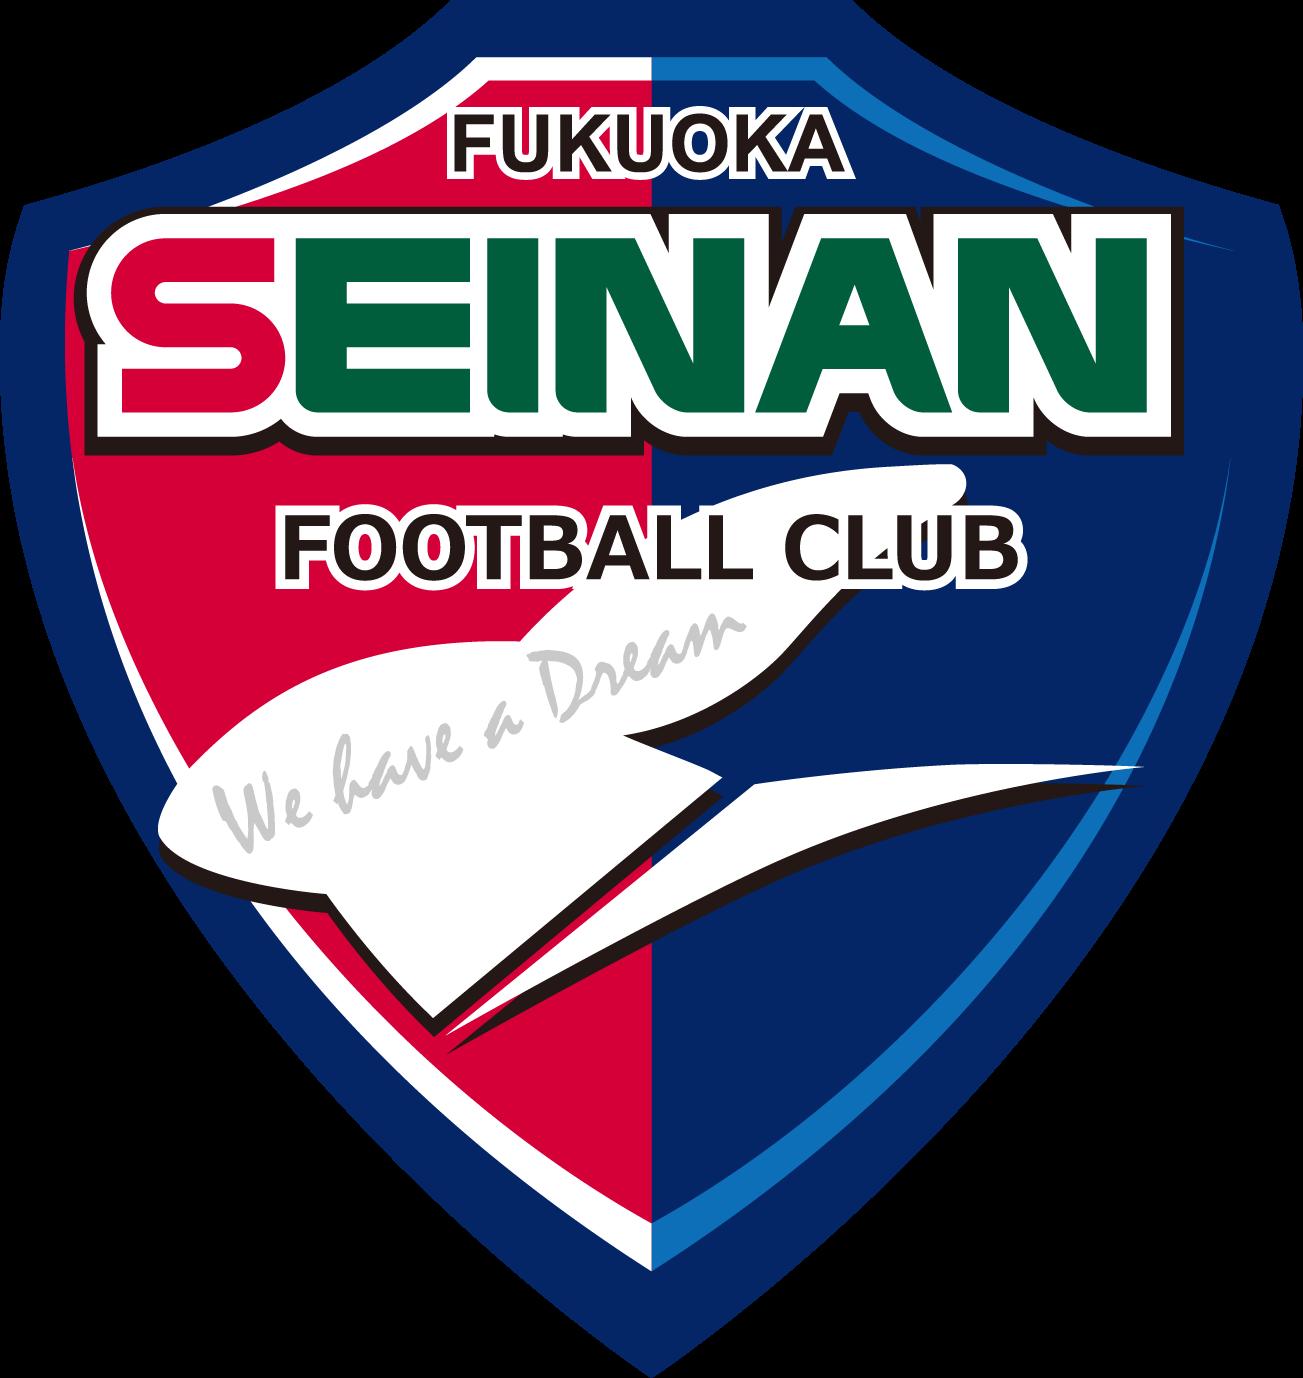 西南フットボールクラブ